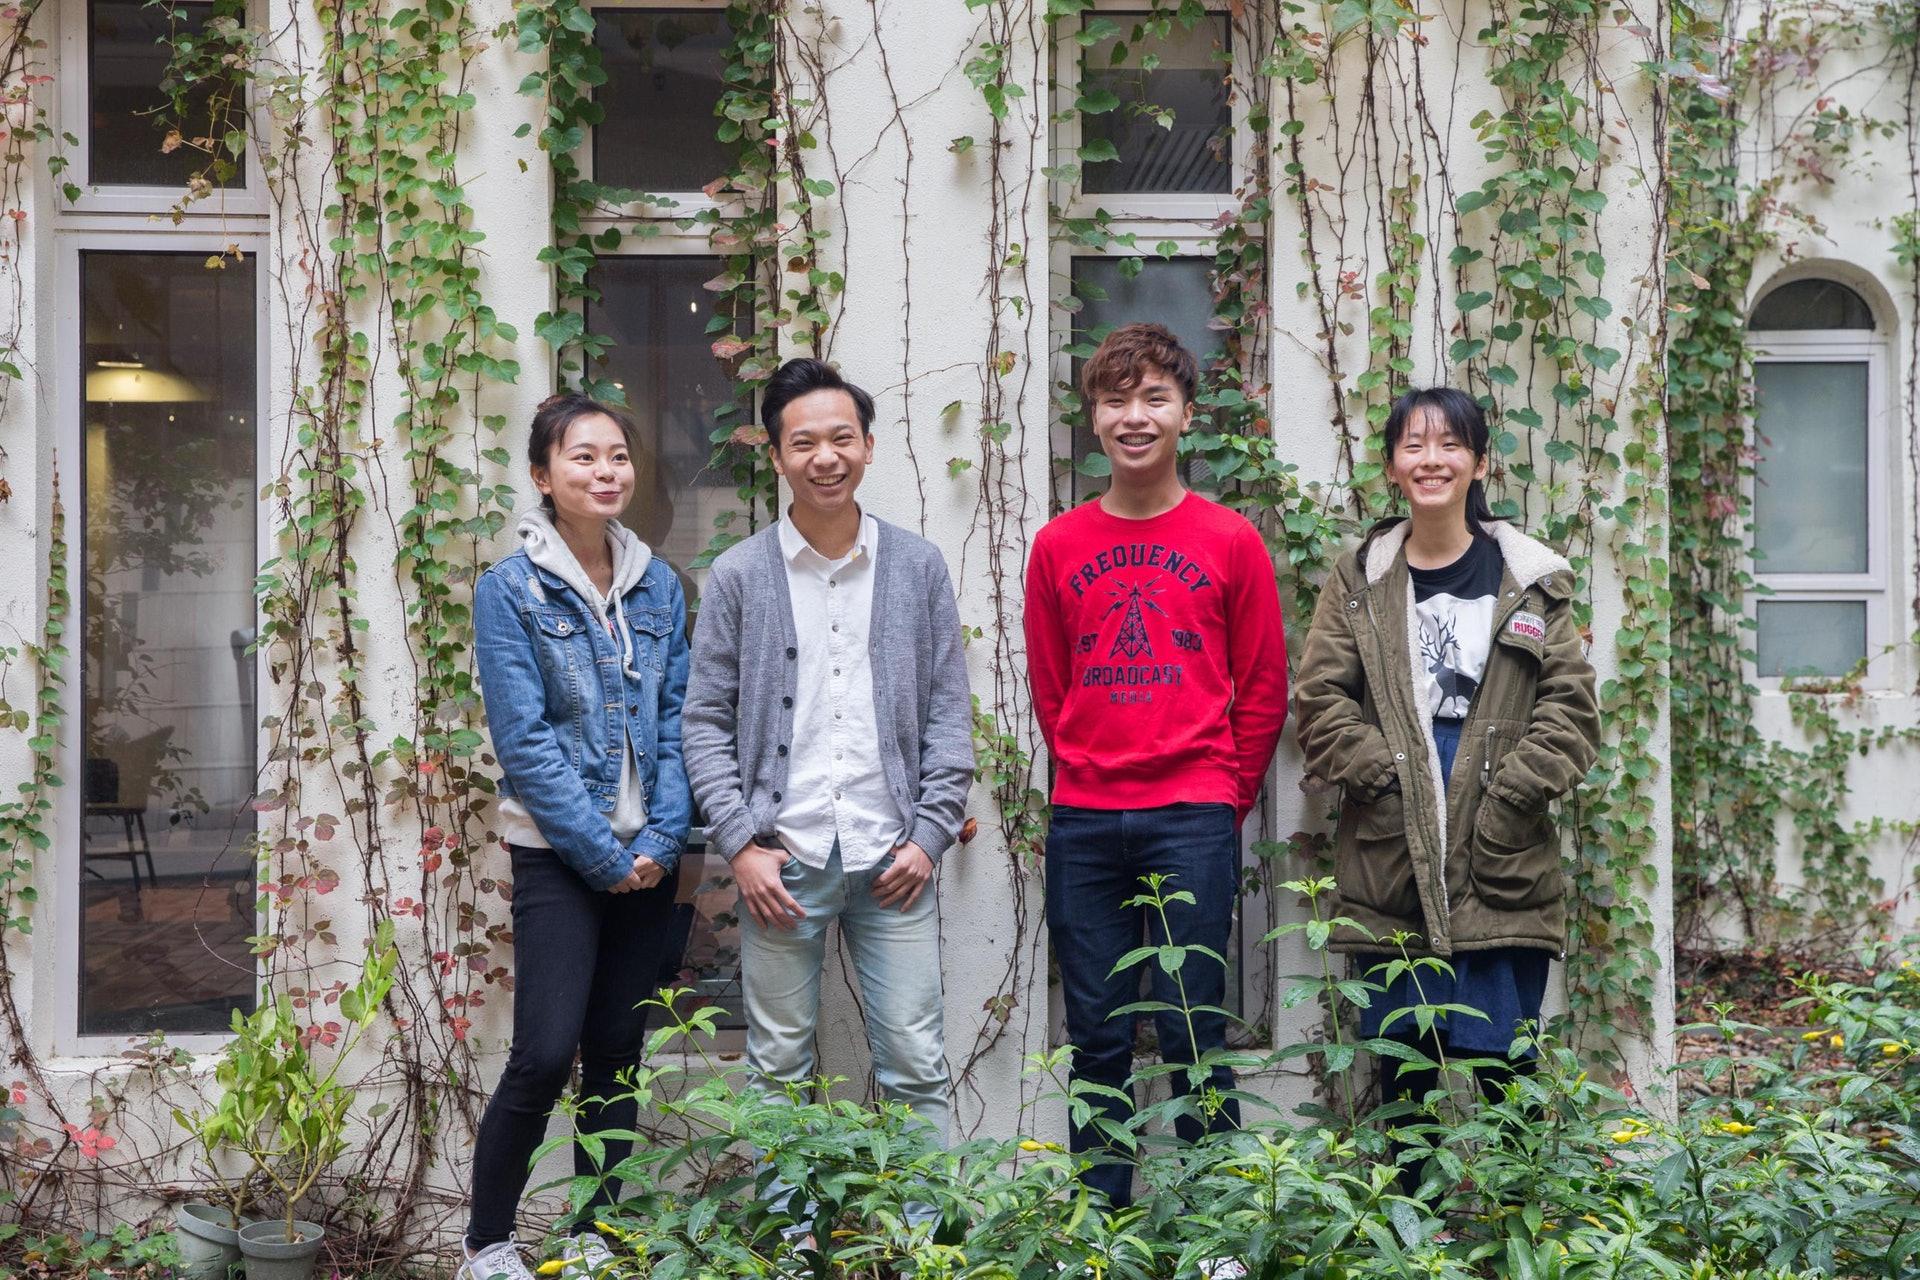 V'air現時共有10名成員,當中包括(左起)李雪瑩、楊子雋、蘇建澤及呂瑋珊。(梁鵬威攝)